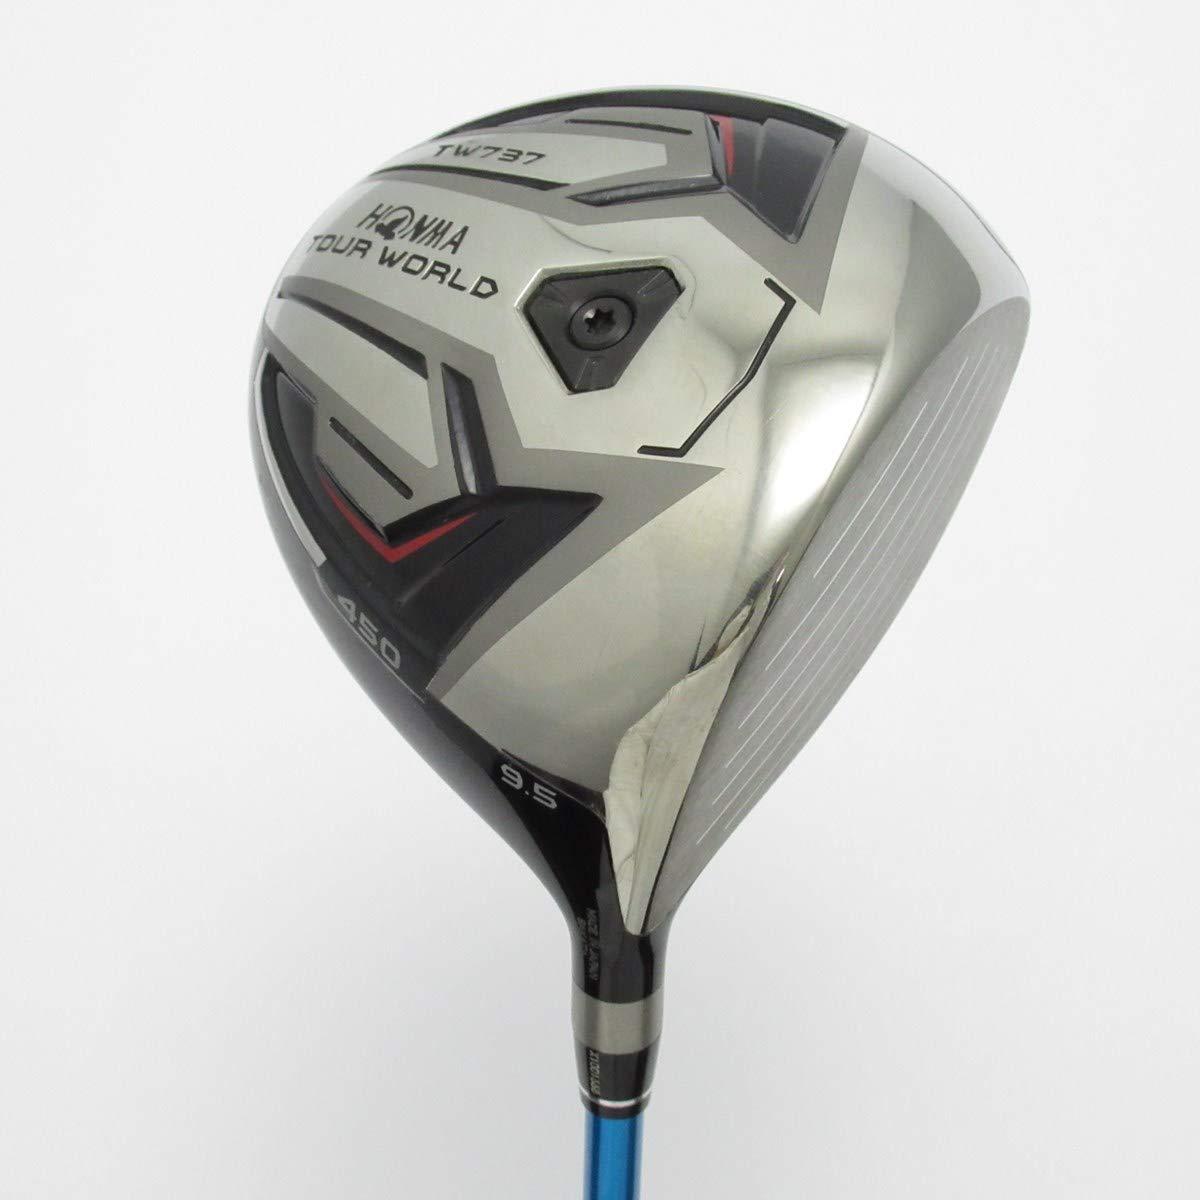 【中古】本間ゴルフ TOUR WORLD ツアーワールド TW737 455 ドライバー VIZARD EX-Z65 B07QZMLMP2  S